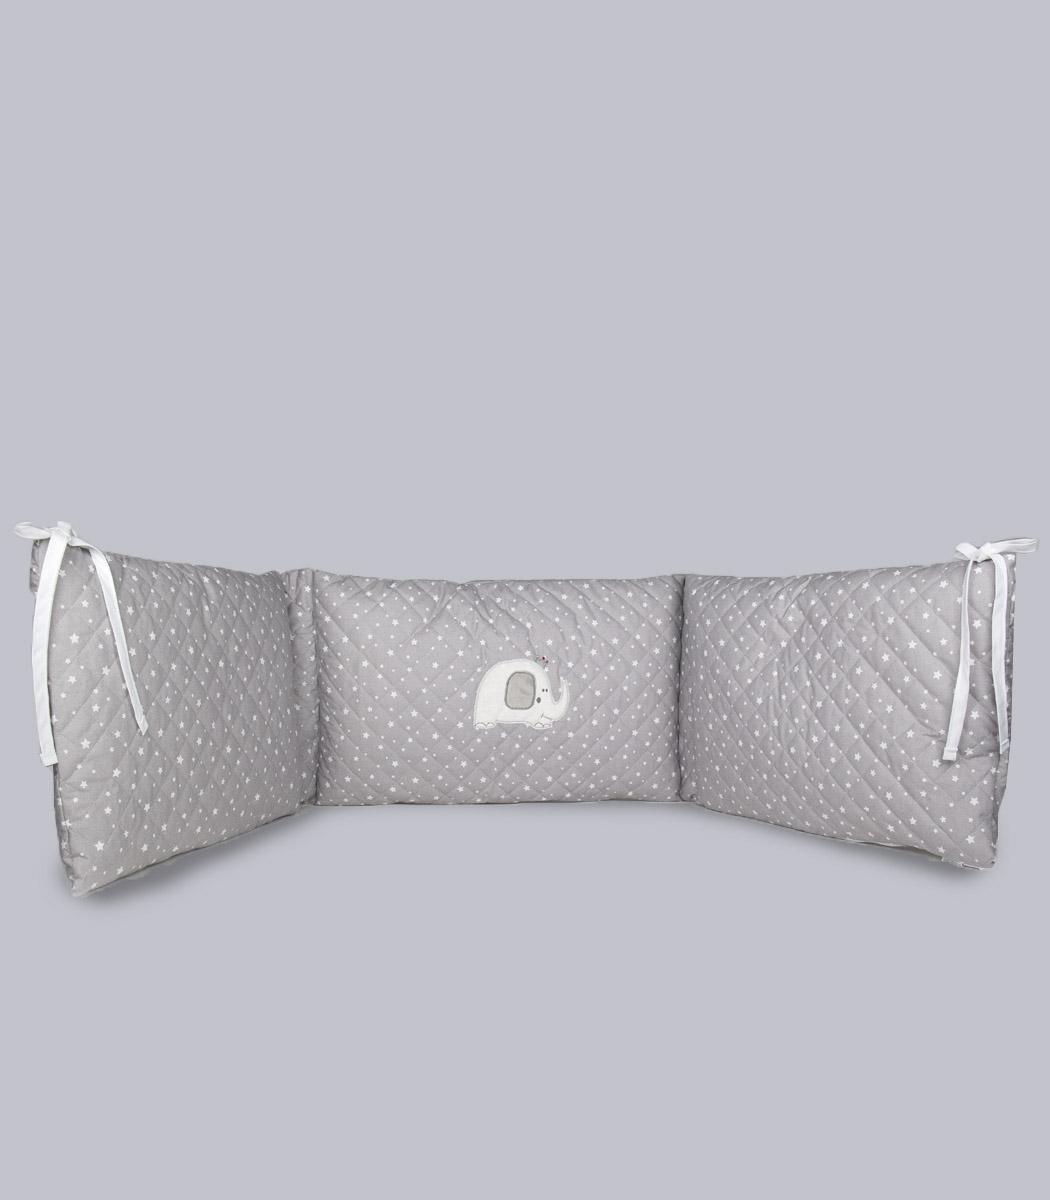 Ochraniacz pikowany ozdobiony aplikacją w kształcie słonika.